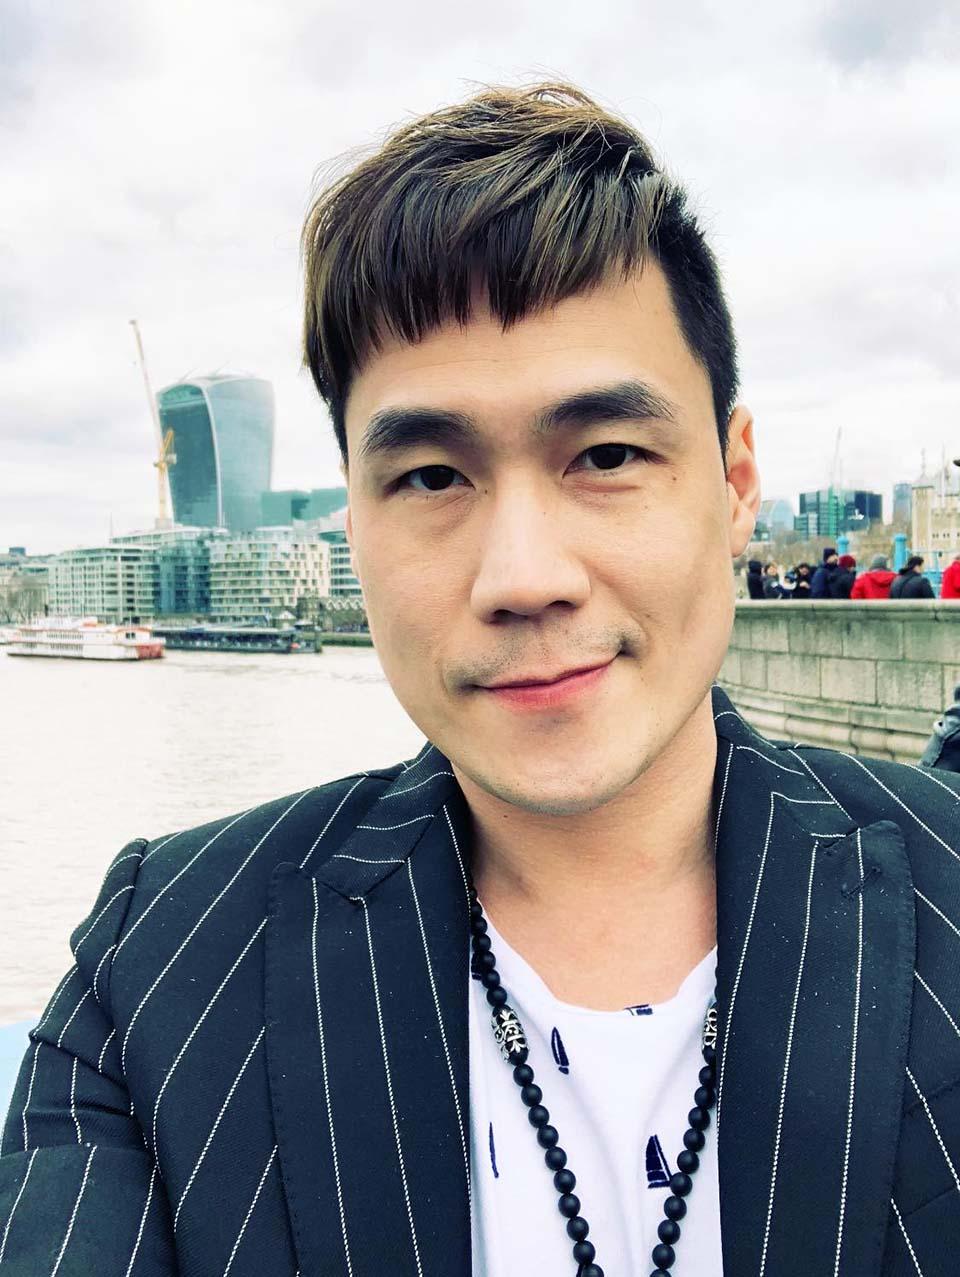 Gặp lại sau 4 năm từ mặt, Quỳnh Nga nói điều bất ngờ với tình cũ Khánh Phương - Ảnh 3